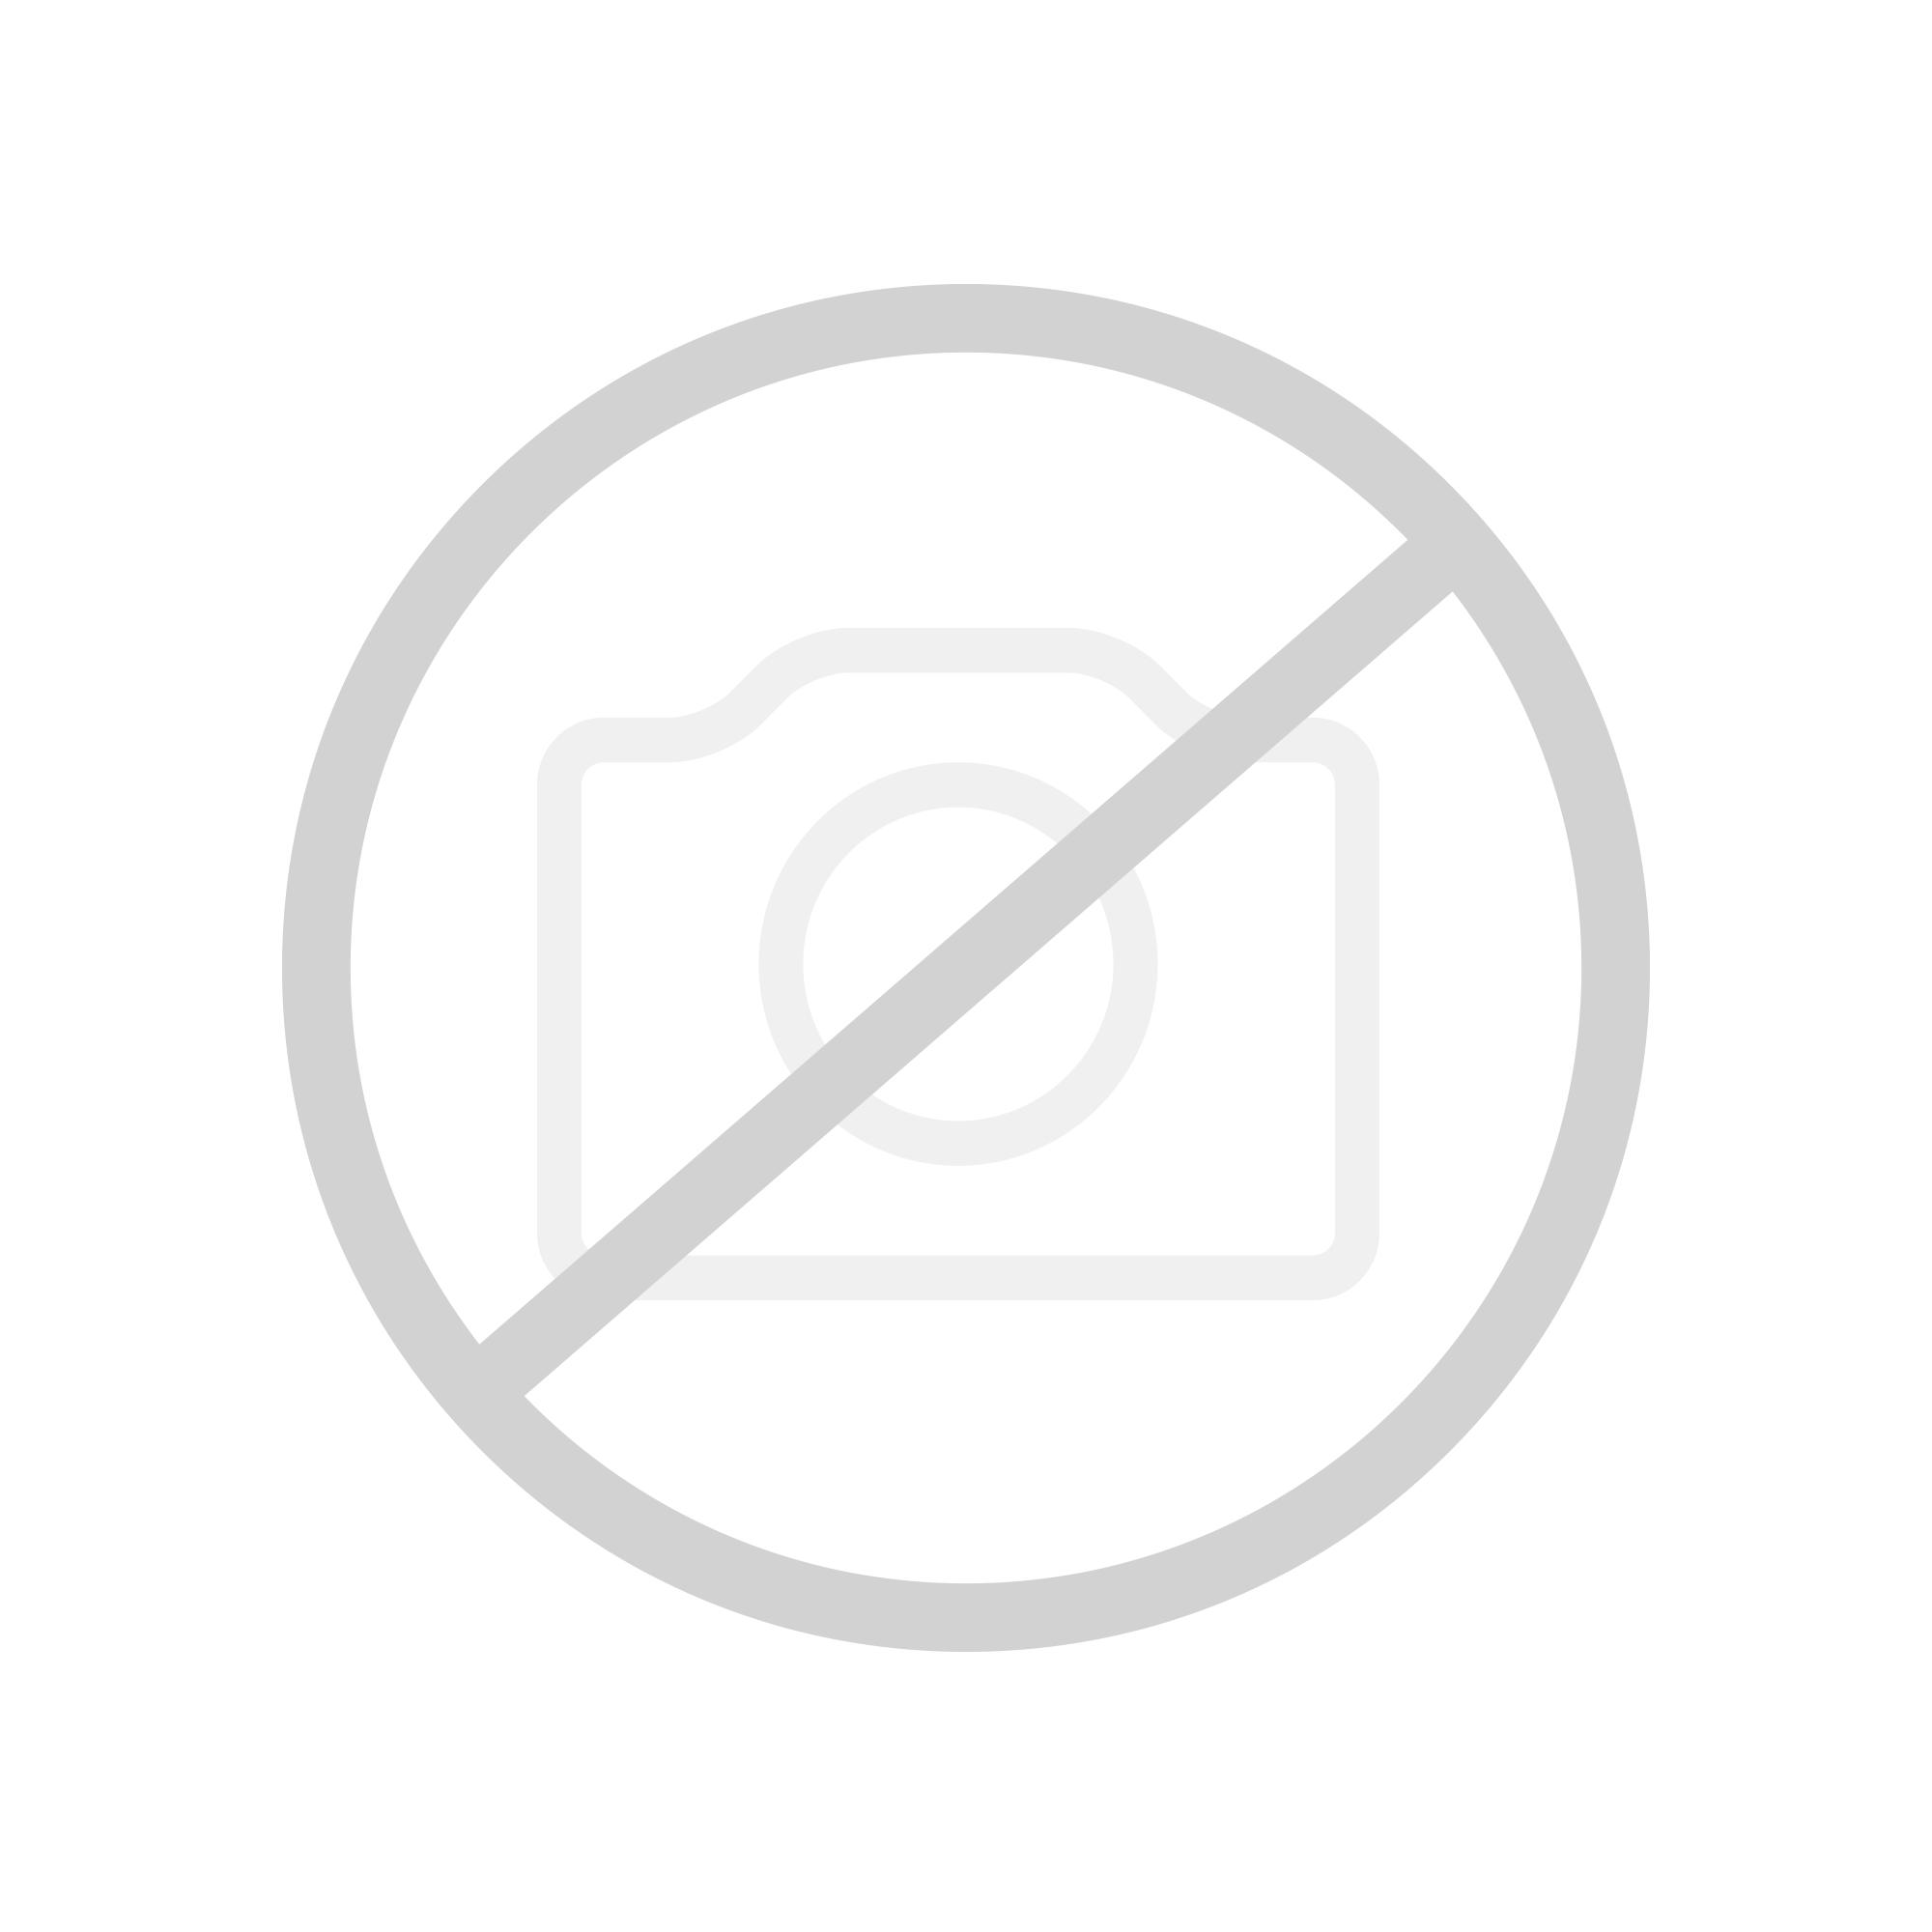 Grohe Minta Einhand-Spültischbatterie, DN 15 chrom